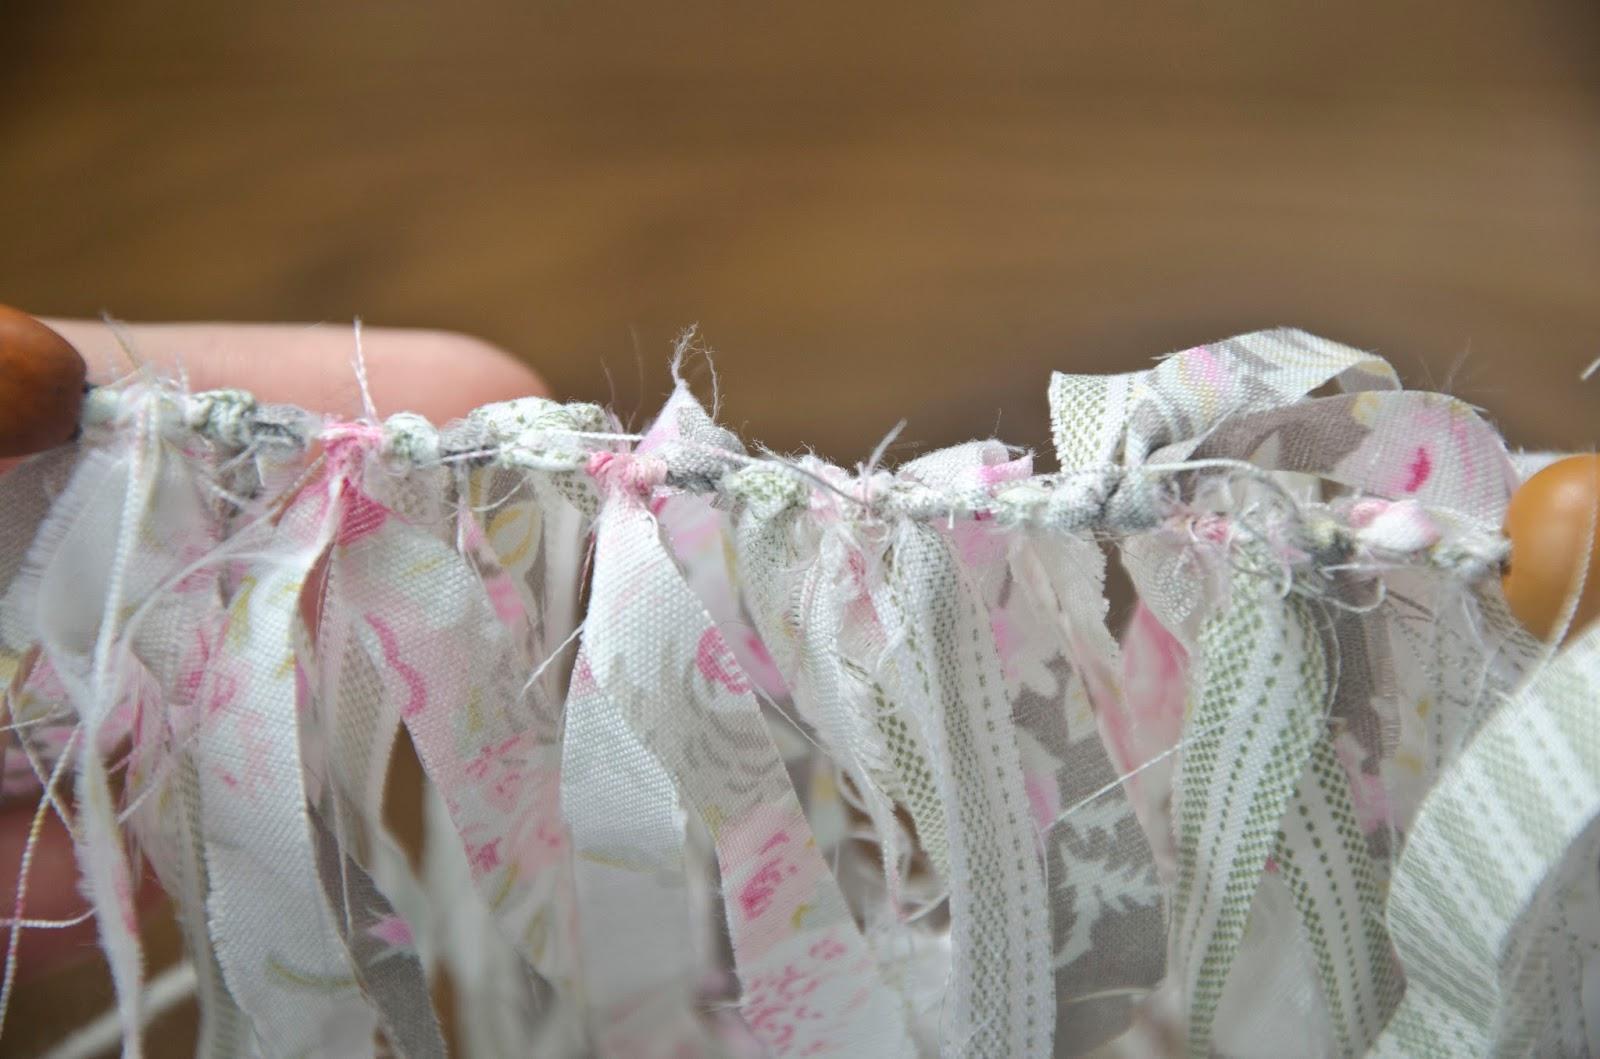 Diy fabriquer une guirlande avec des chutes de tissu - Chute de tissus pas cher ...